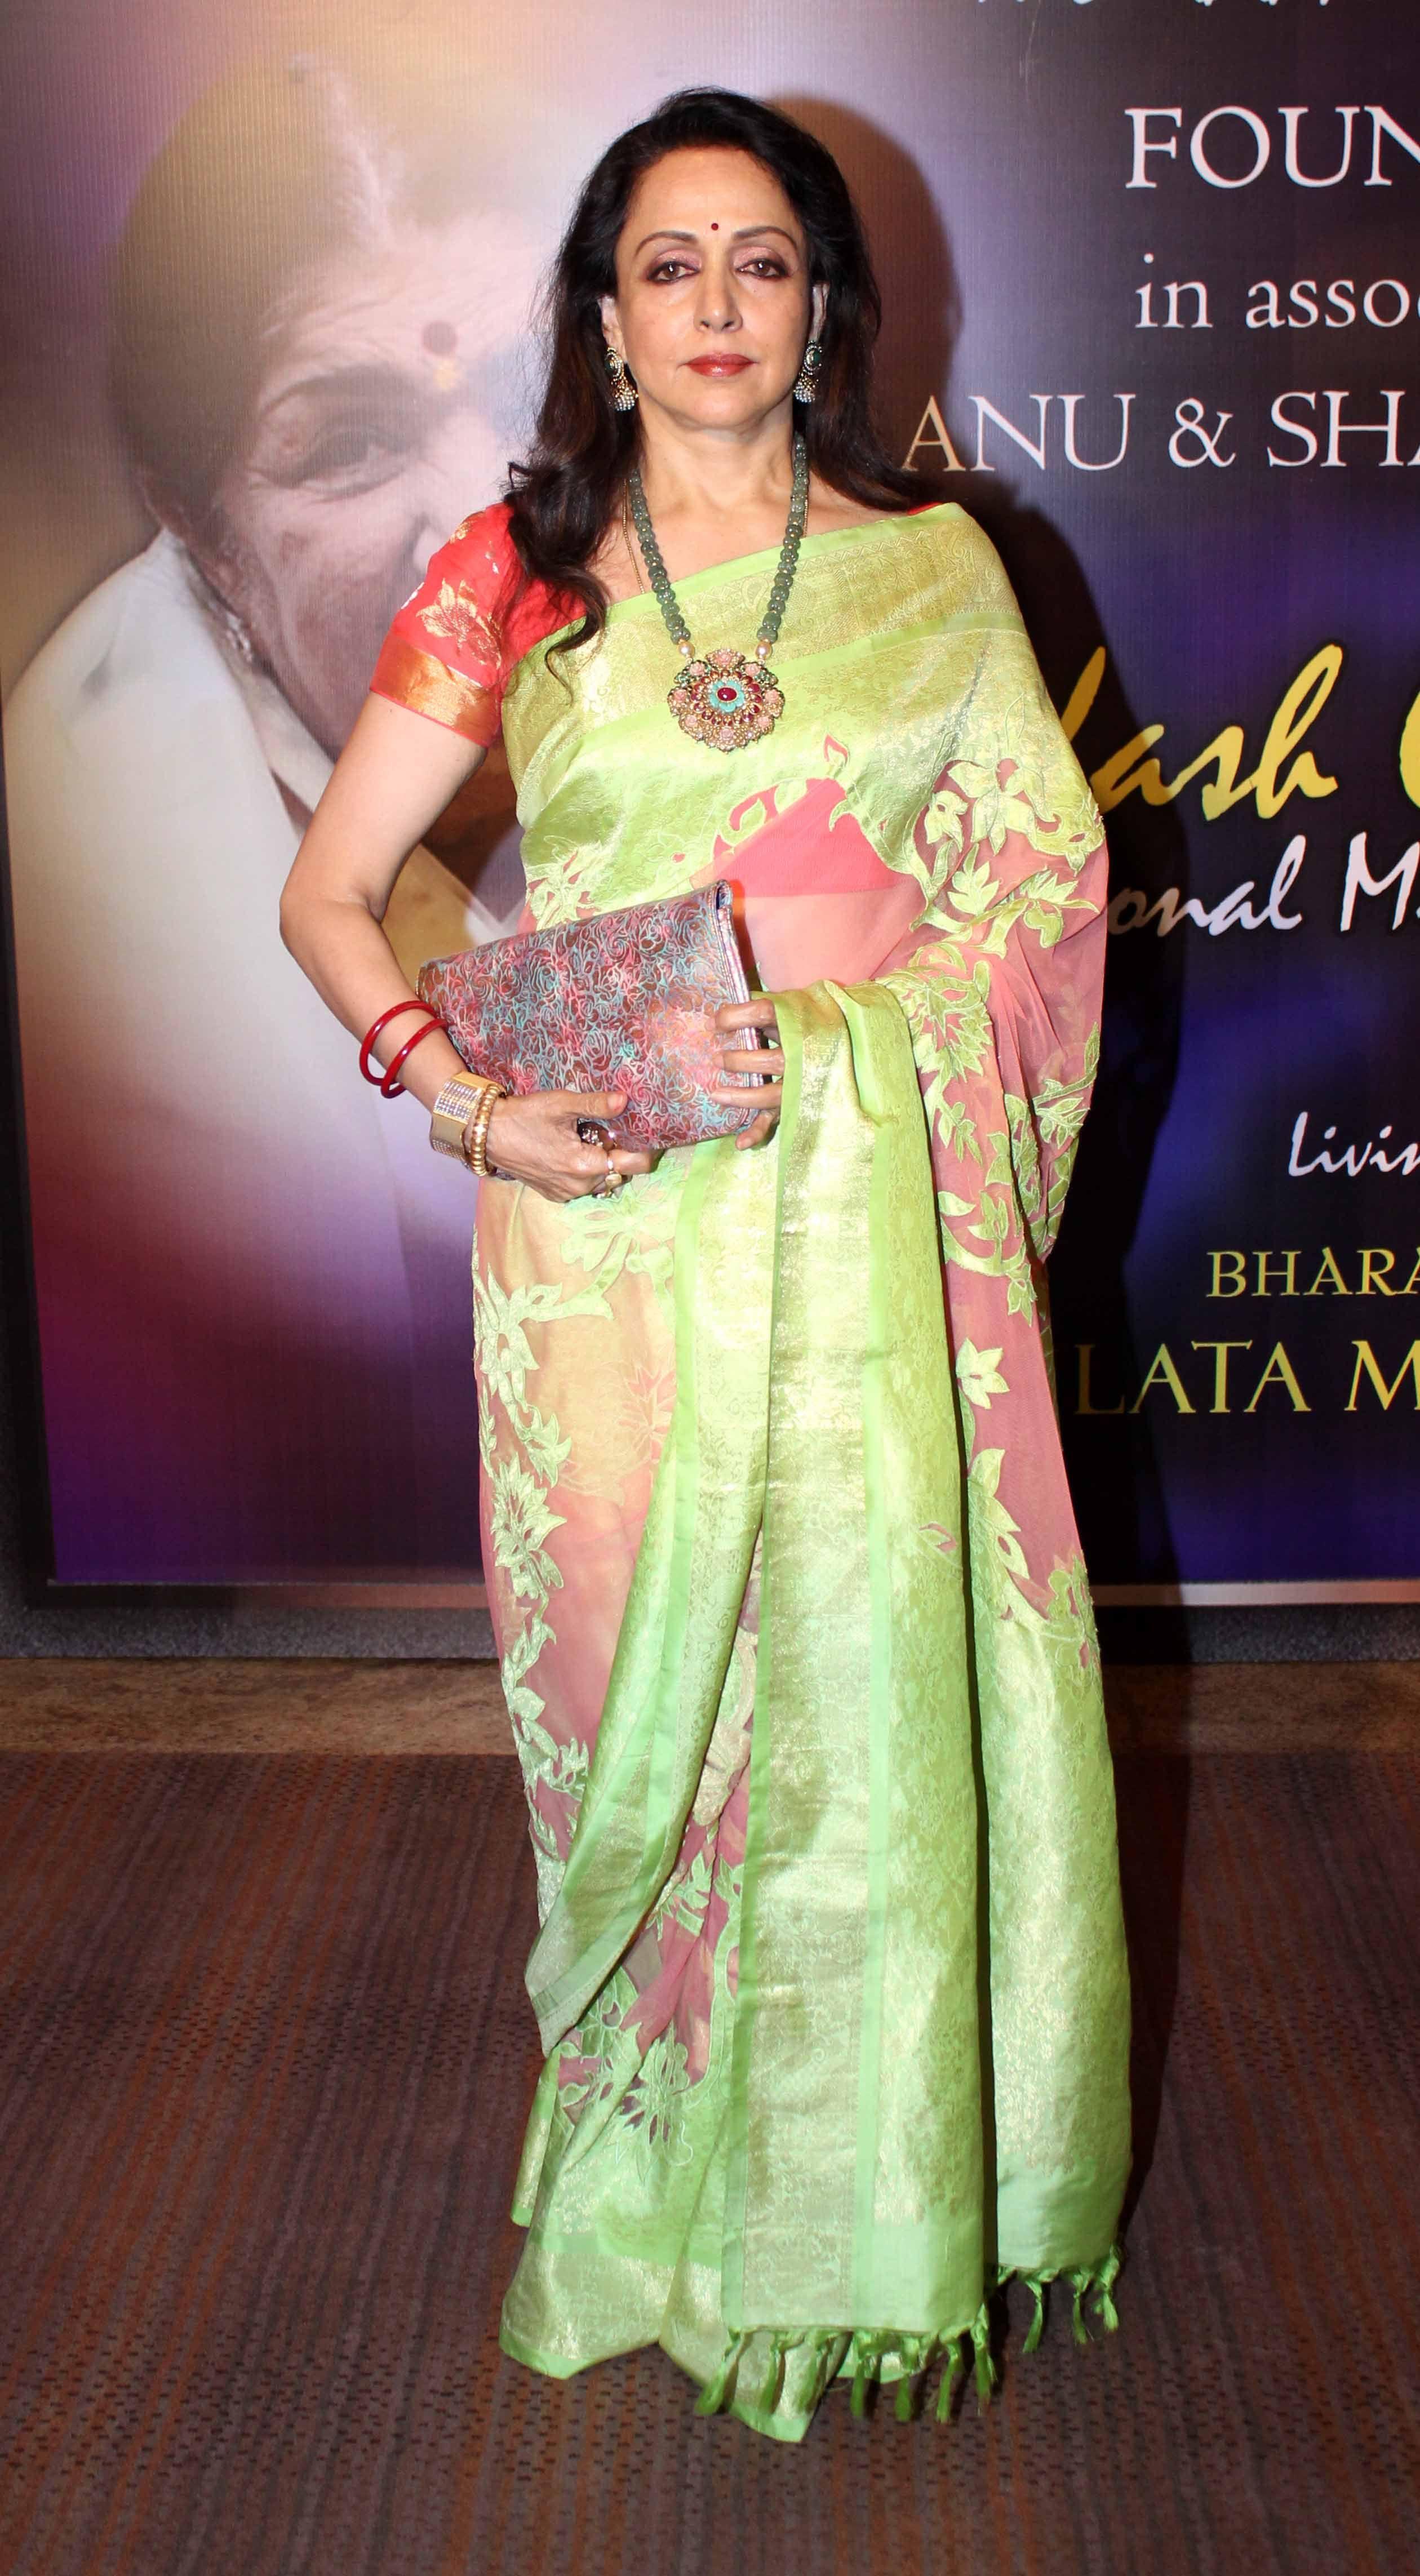 hema malini in neeta lulla saree | Fancy sarees, Saree trends, Saree